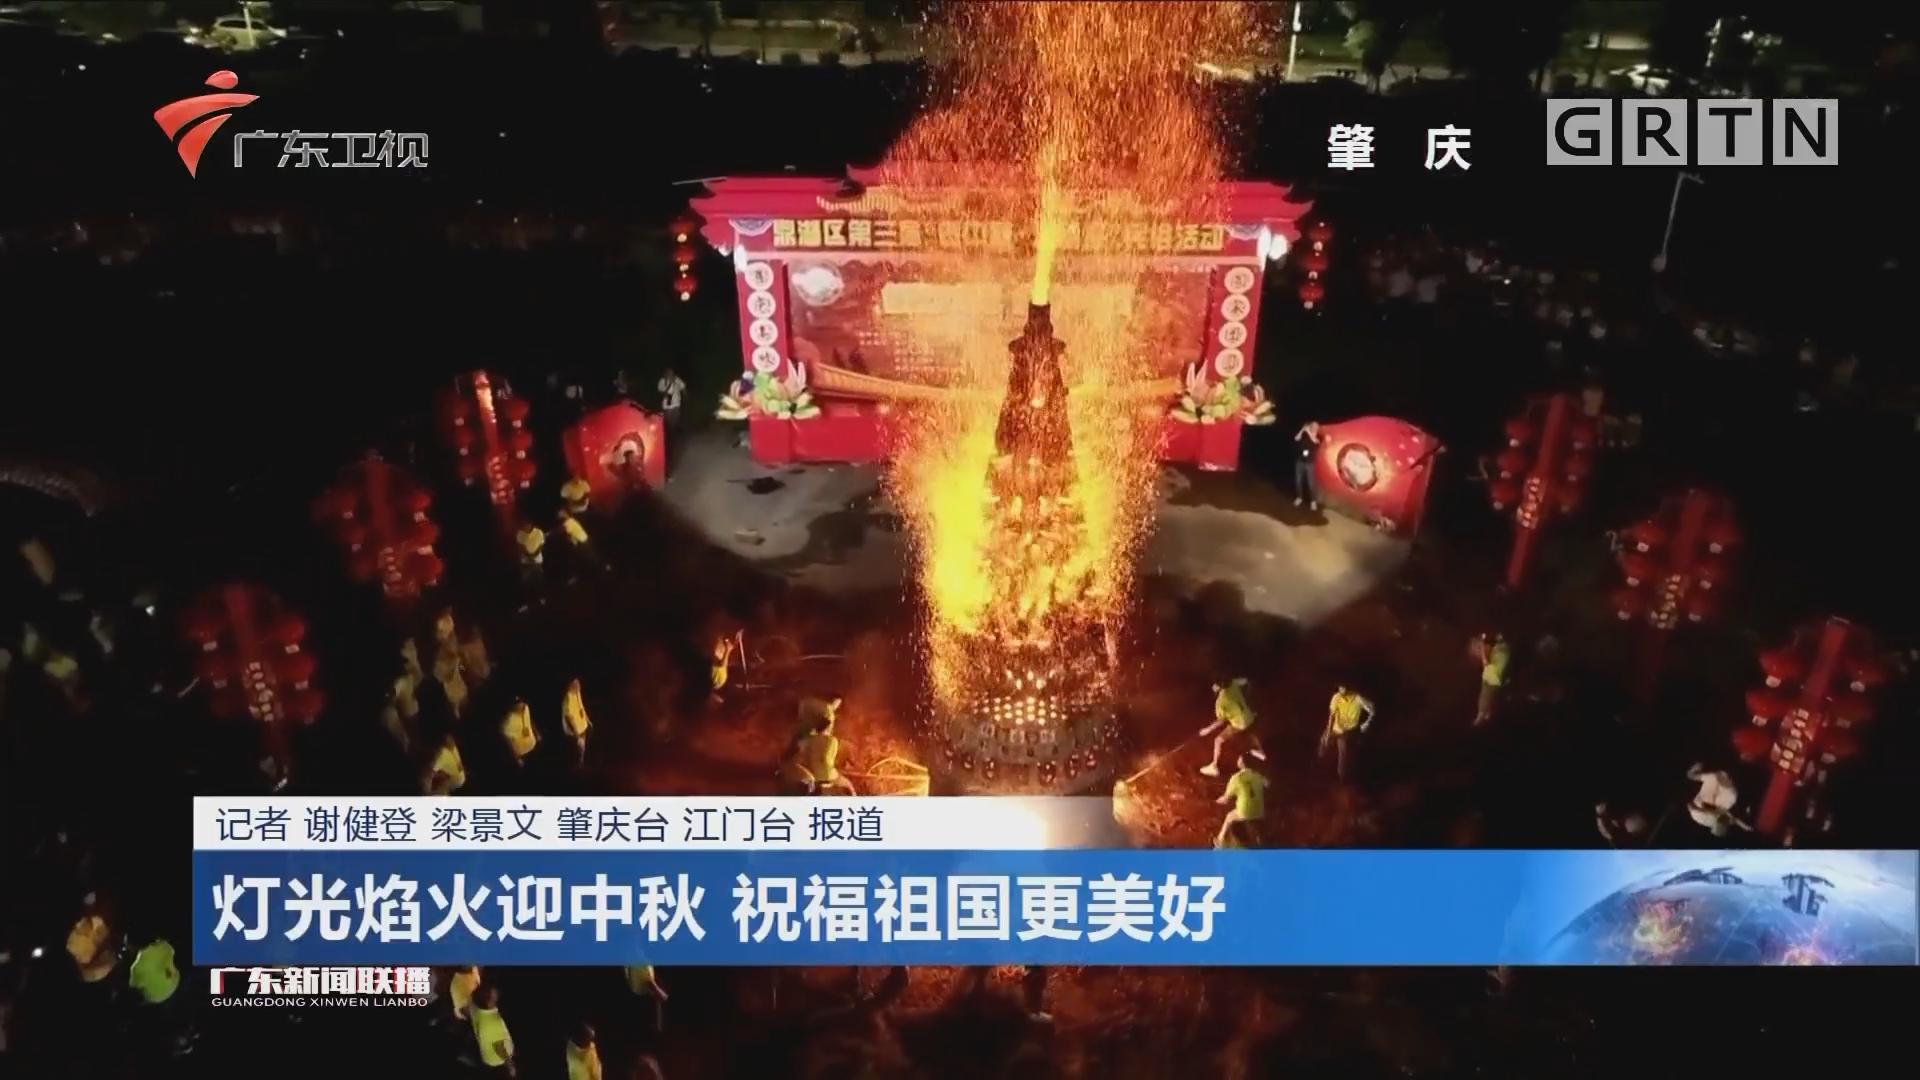 灯光焰火迎中秋 祝福祖国更美好